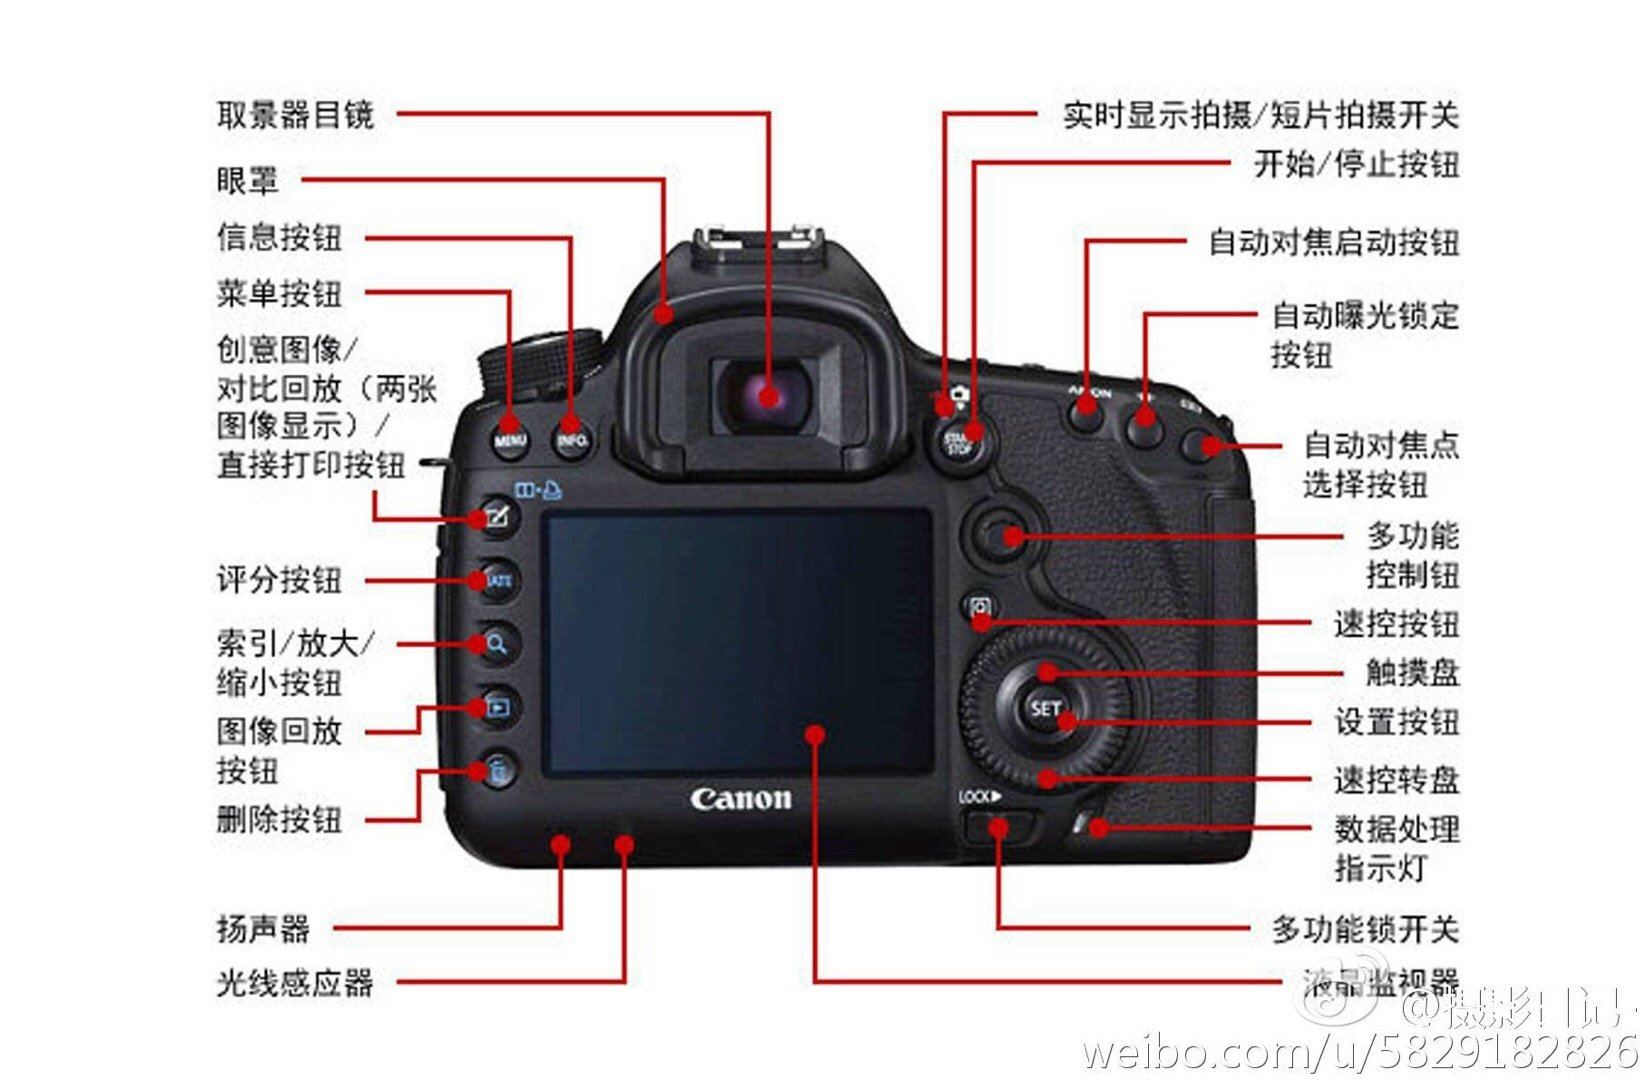 玩摄影,从认识你的单反相机开始.图片